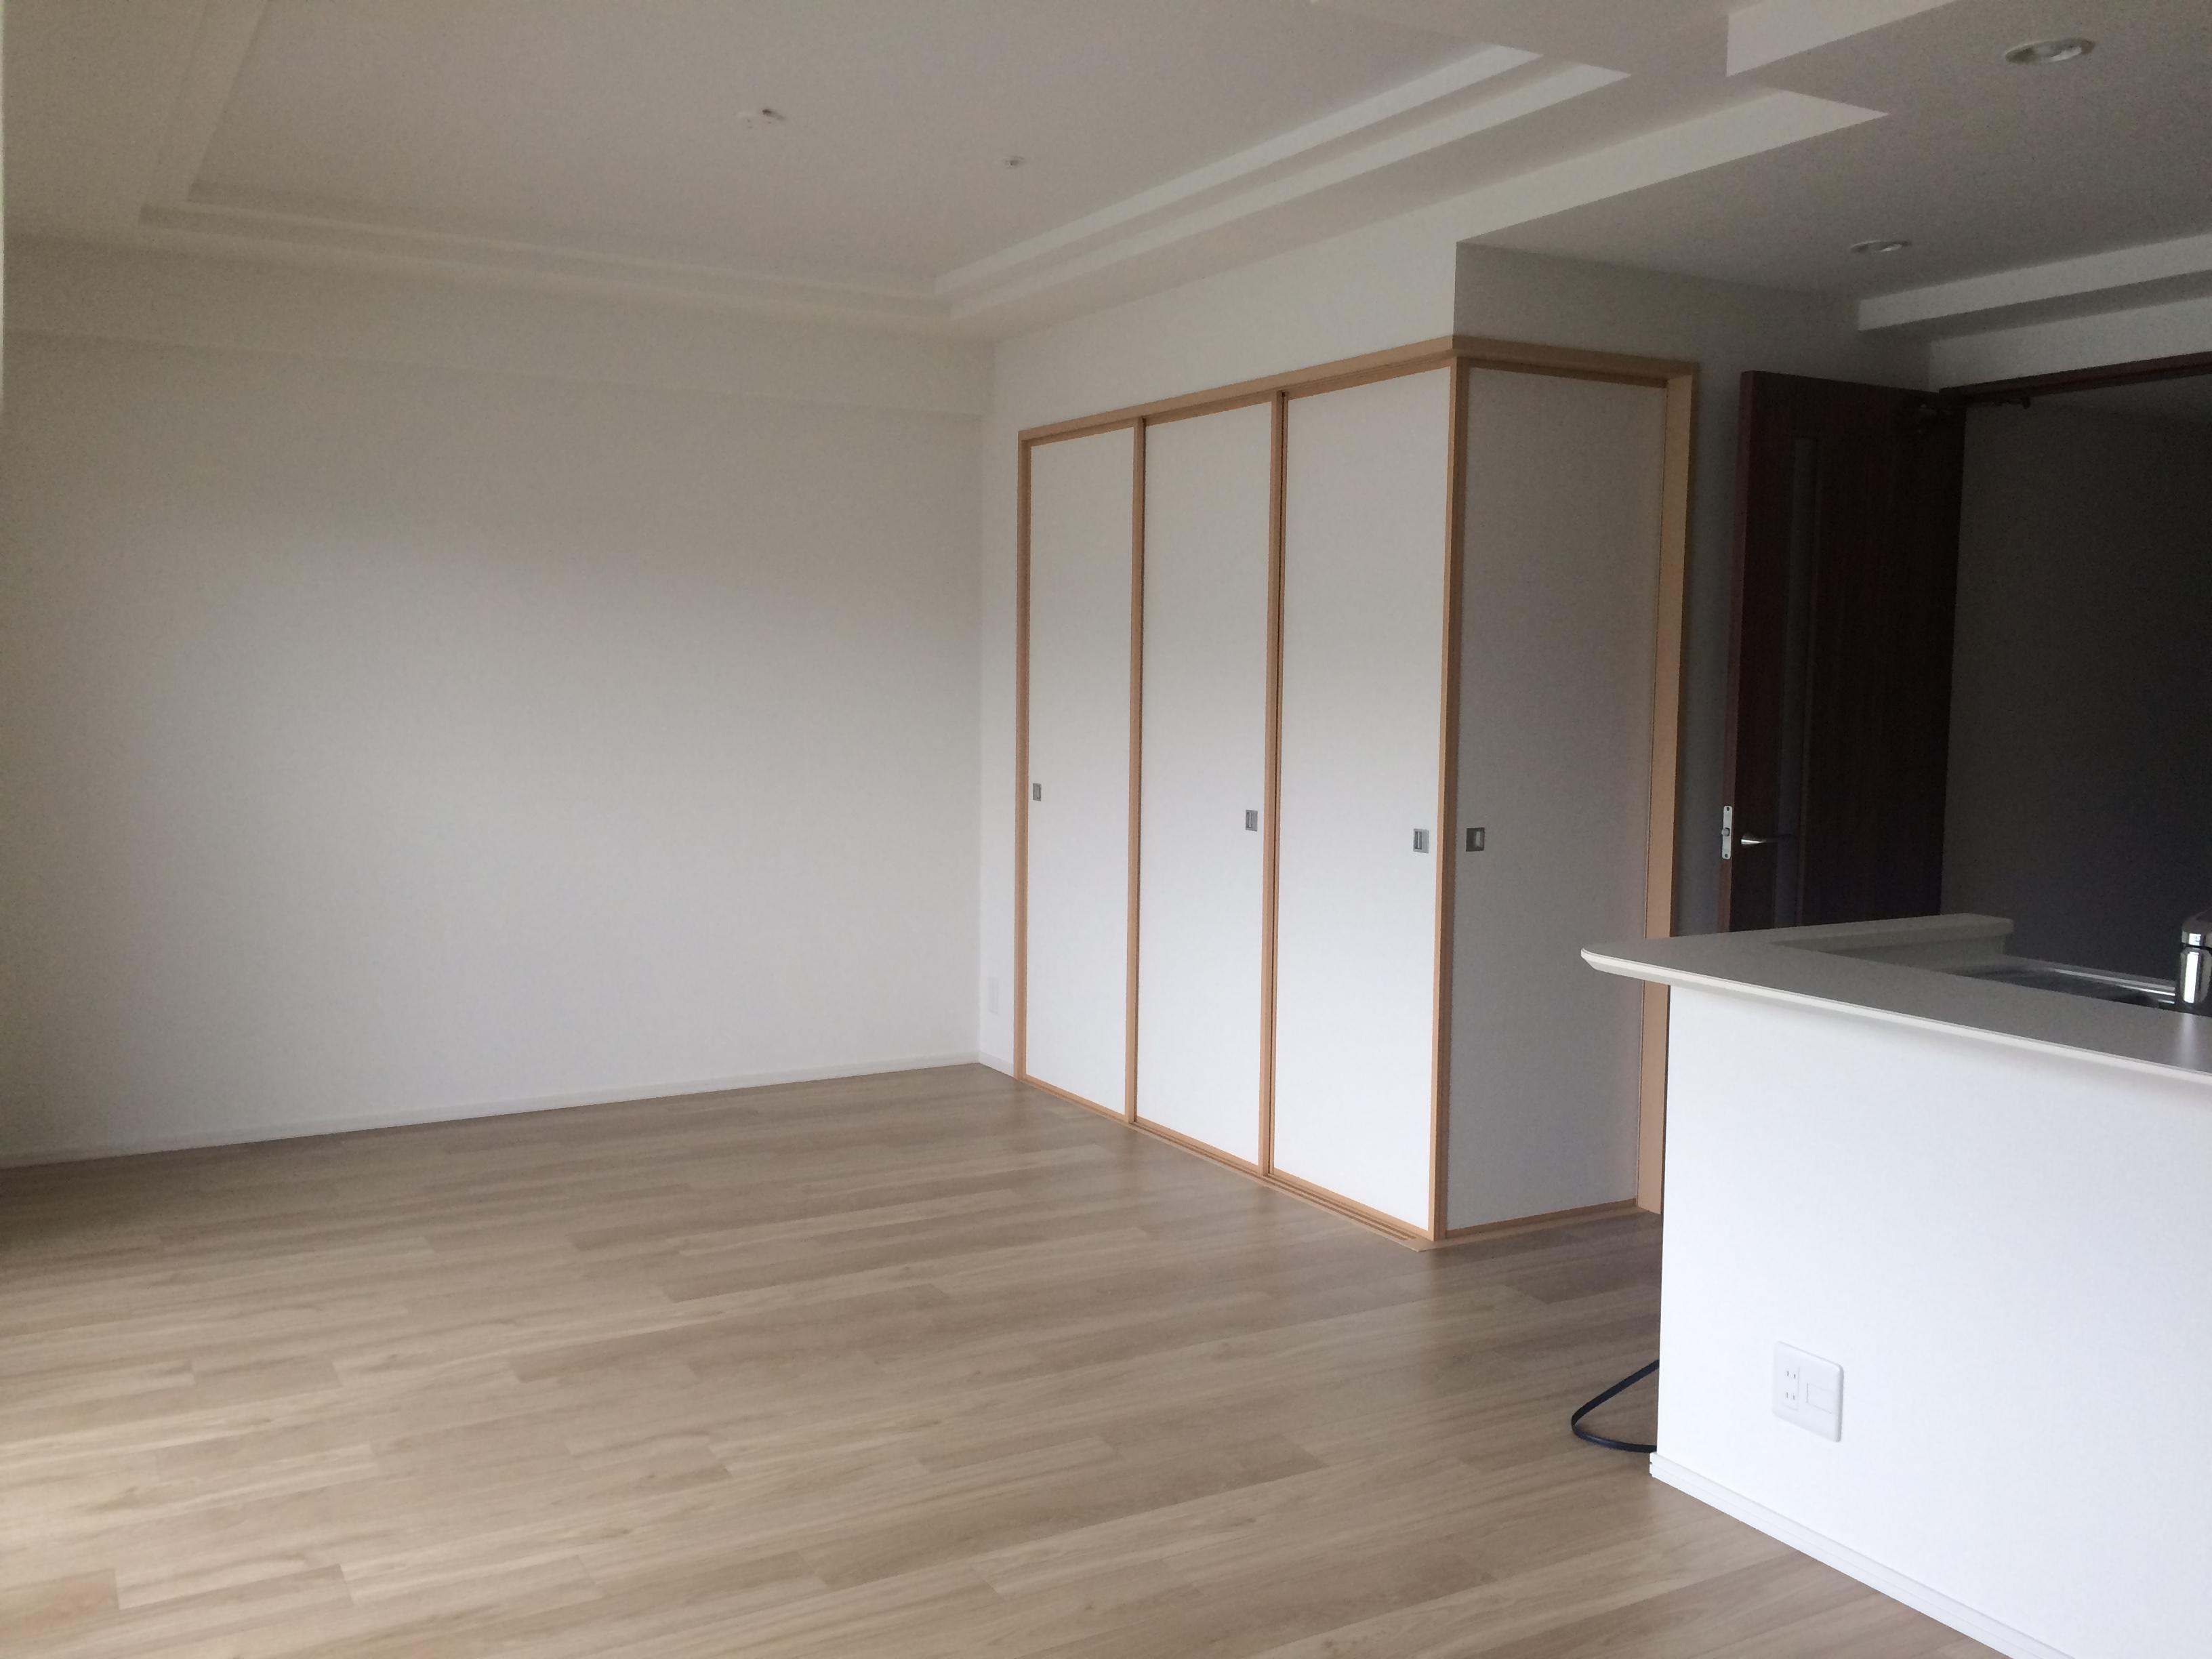 新築マンション入居までのオプションと内覧会について【マイホーム購入記】